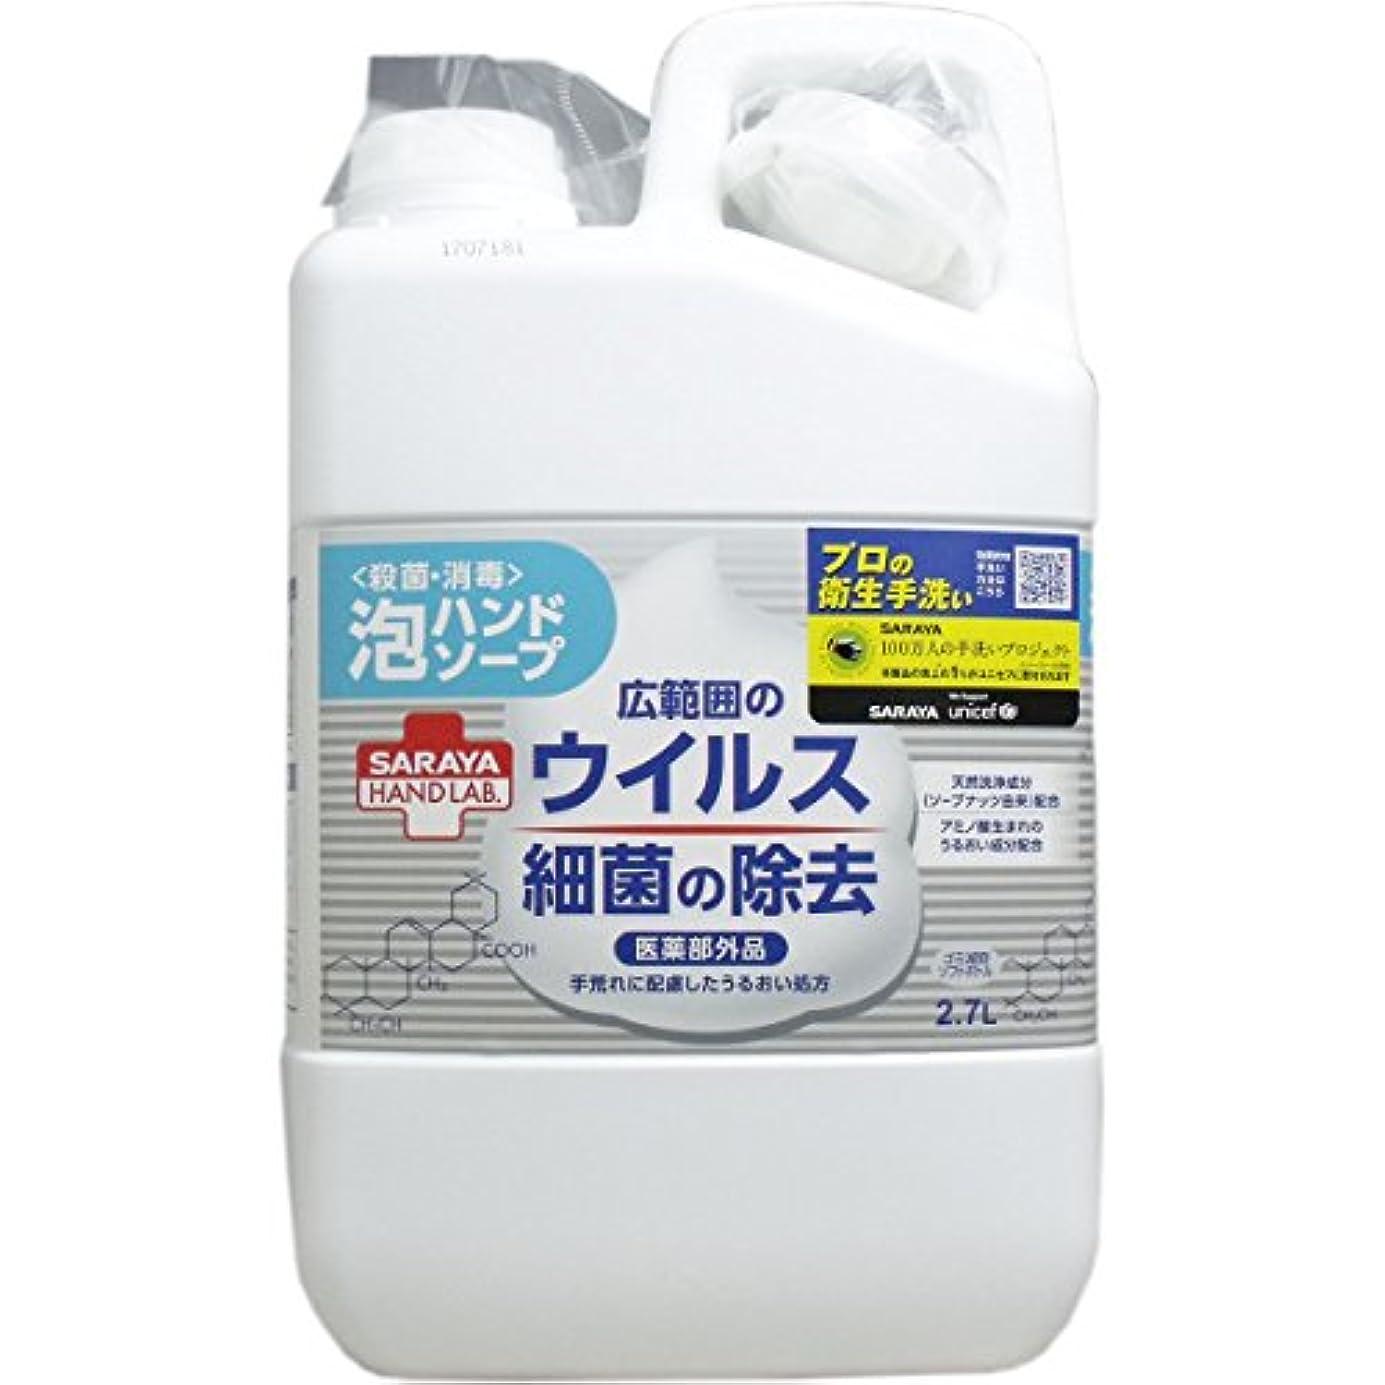 抑止する無臭かなりハンドラボ 薬用泡ハンドソープ 詰替用 2.7L(単品)